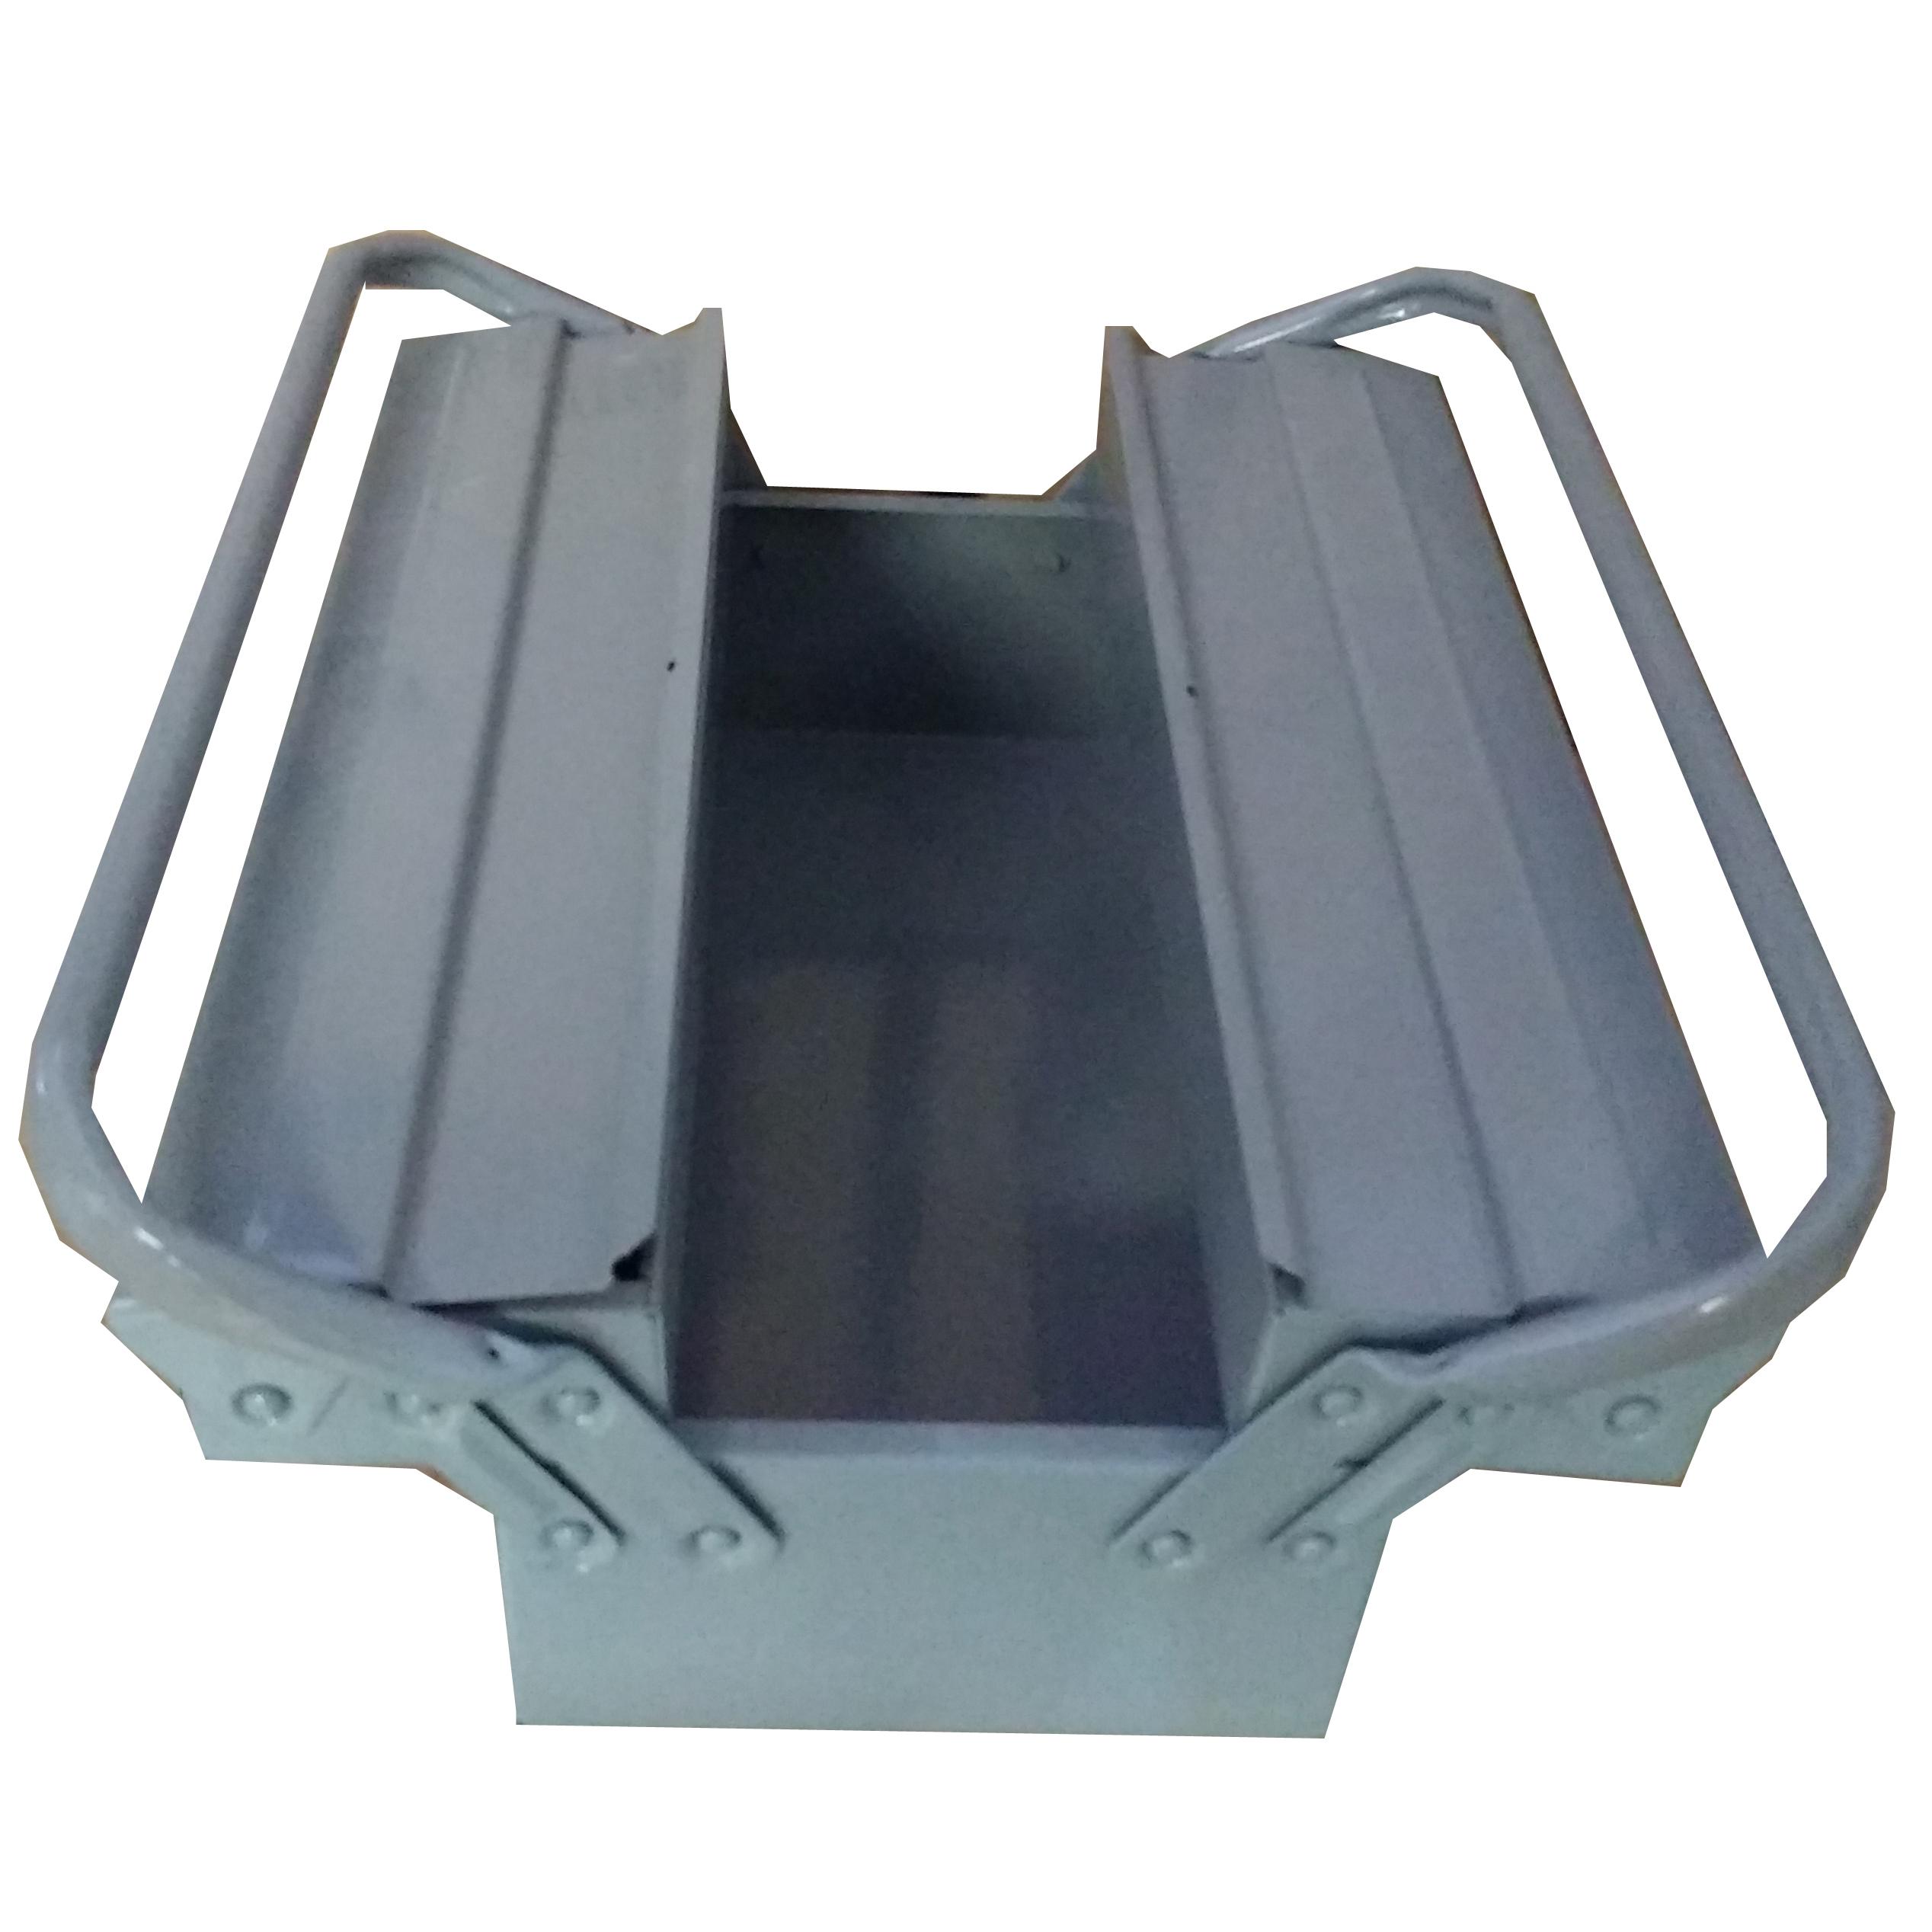 http://www.nilart.com.br/galeria/caixa-ferramentas-sanfonada-3-gavetas-40-cm-cabo-fixo-reforcada-400.340-1.jpg